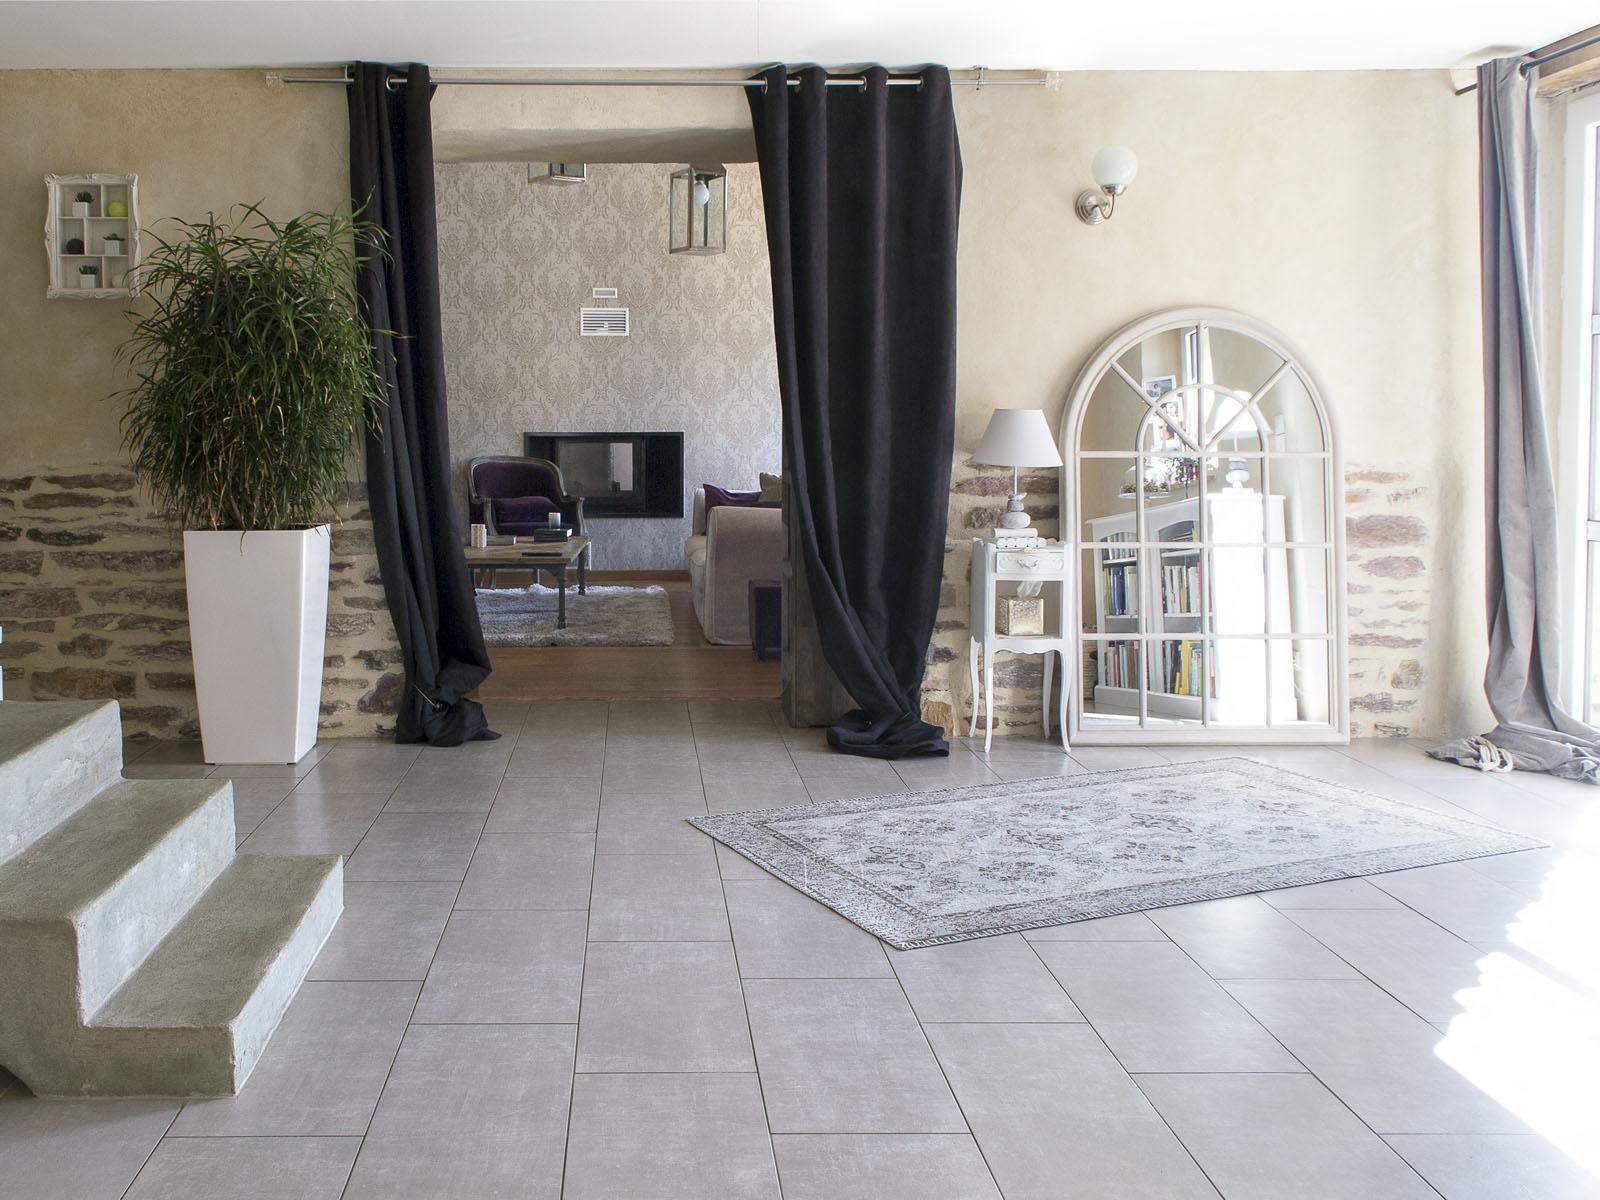 amenagement interieur longere amnagement intrieur longre. Black Bedroom Furniture Sets. Home Design Ideas